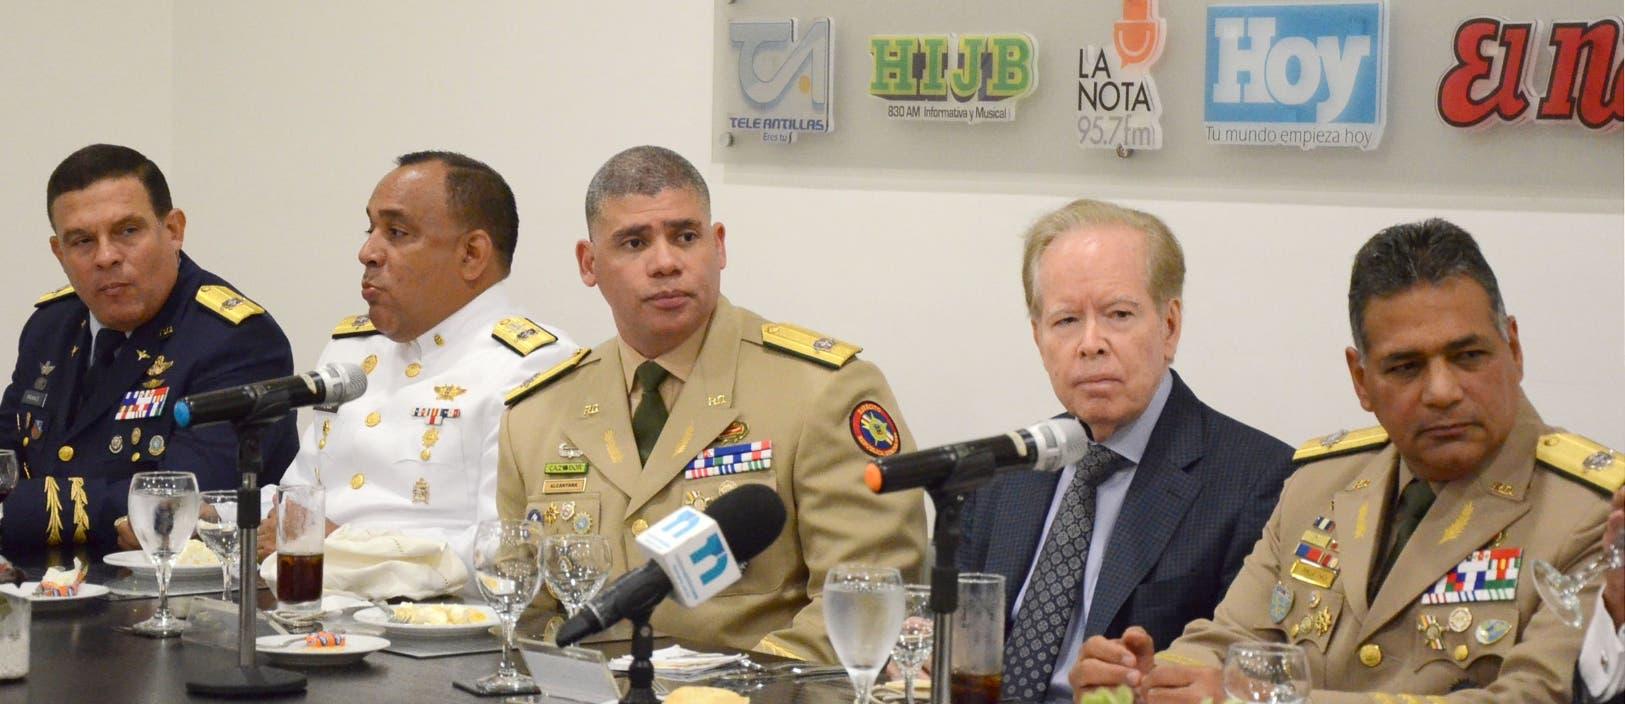 Luis Napoleón Payán, Miguel Enrique Peña Acosta, Alberto Alcántara, el empresario José L. Corripio Estrada (Pepín) y Rubén Paulino.